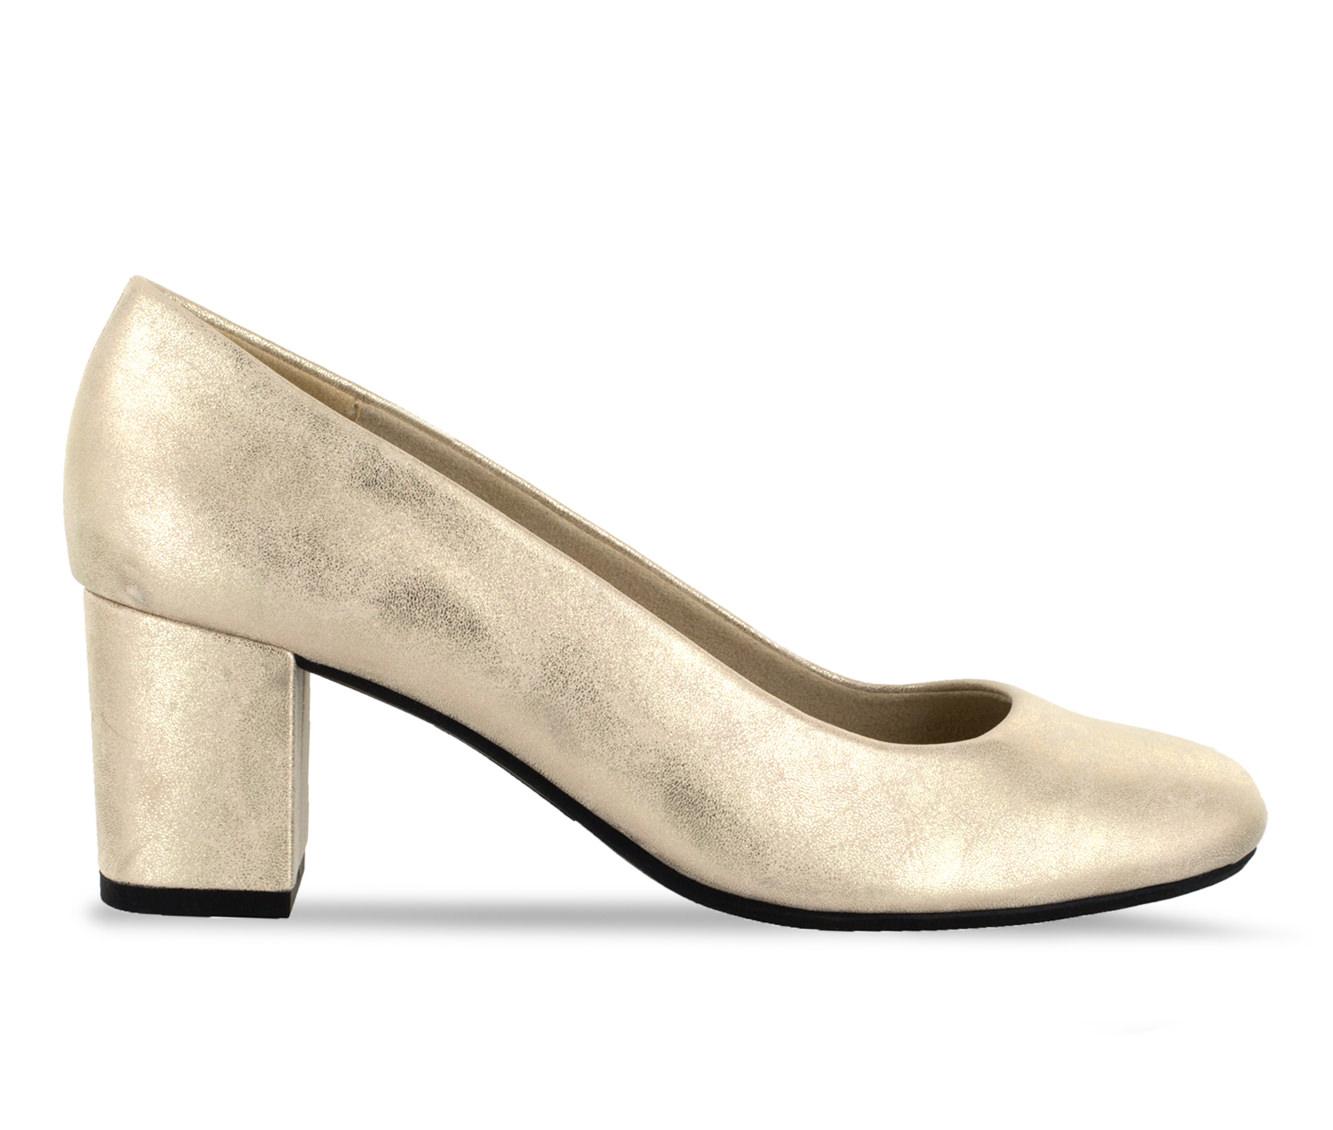 Easy Street Proper Women's Dress Shoe (Gold Faux Leather)